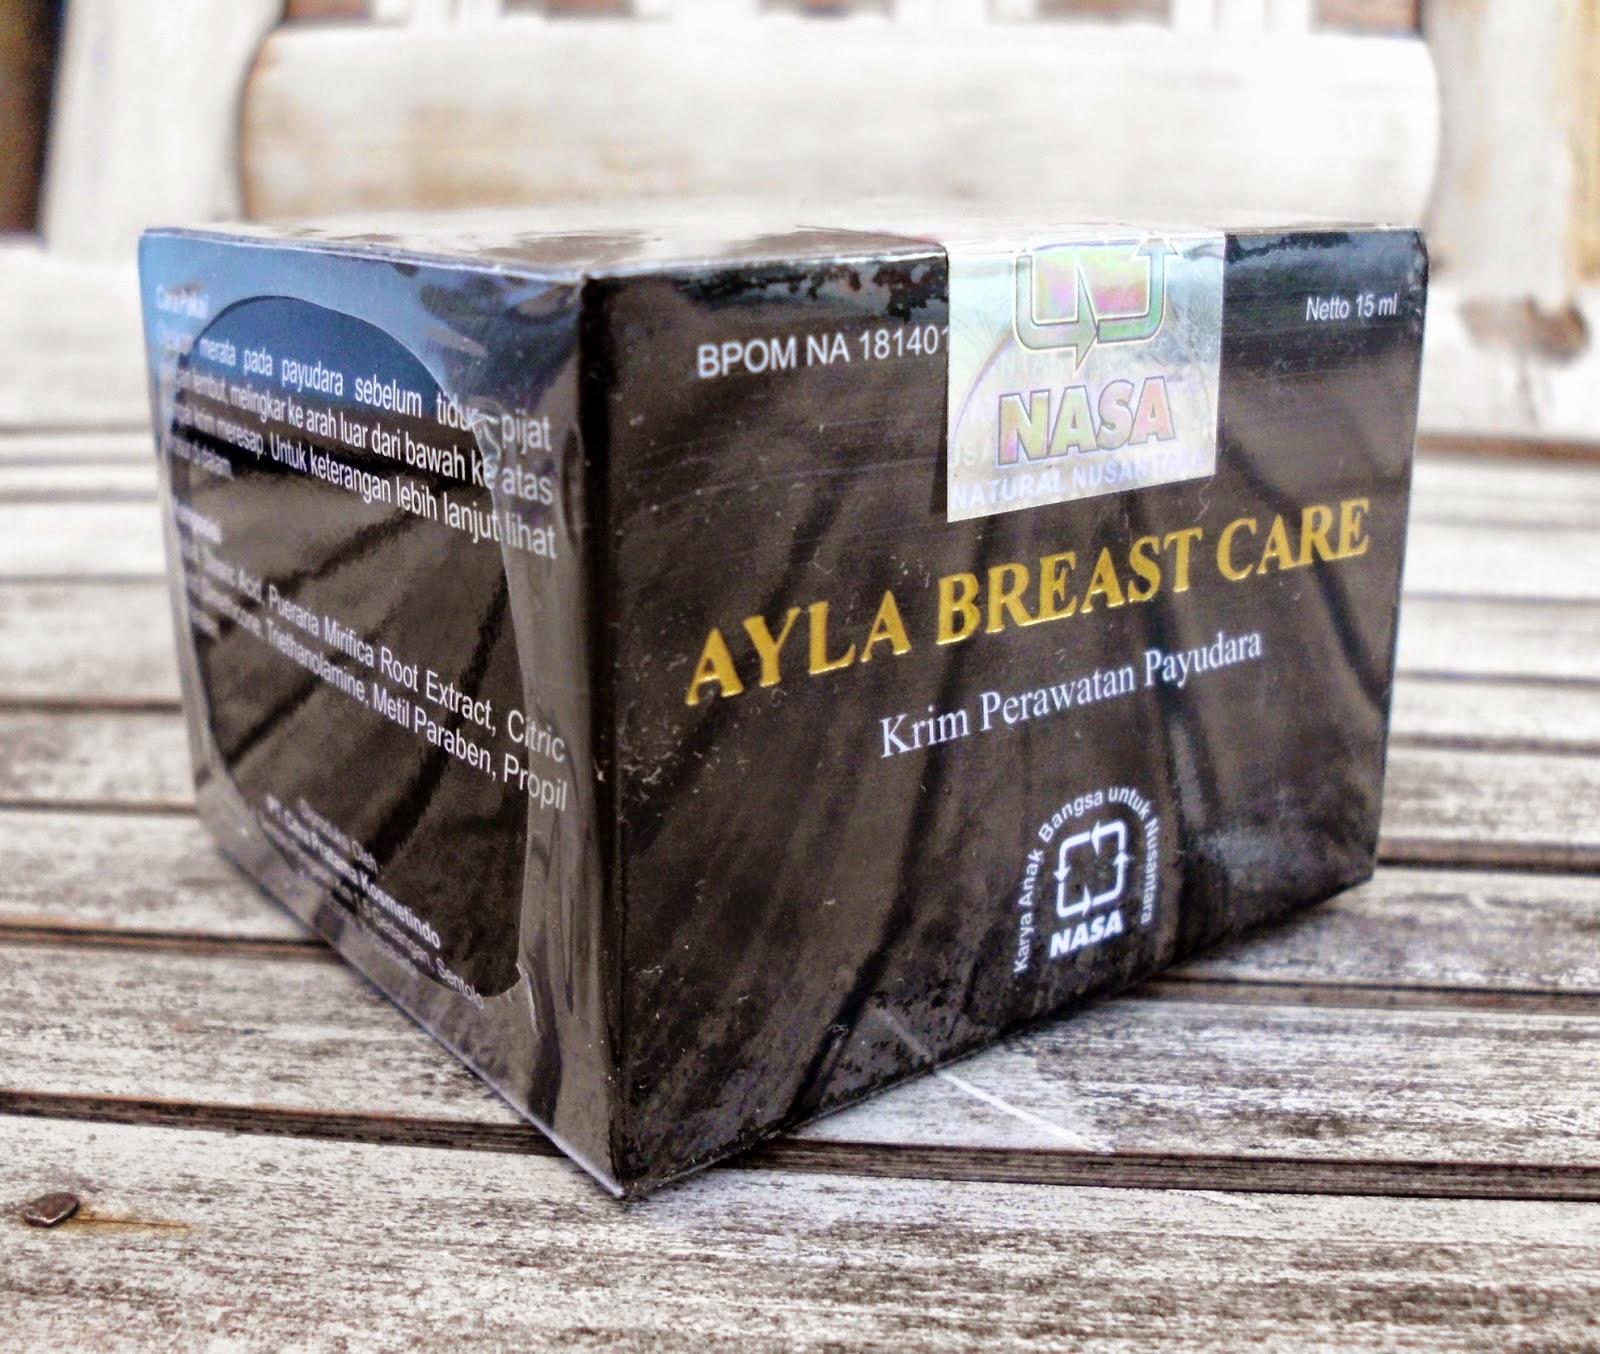 Ayla Breast Care adalah merupakan produk pembesar dan pengencang payudara alami yang telah teruji aman digunakan dan sudah mendapatkan ijin edar resmi BPOM RI dengan nomor BPOM NA18140100462.